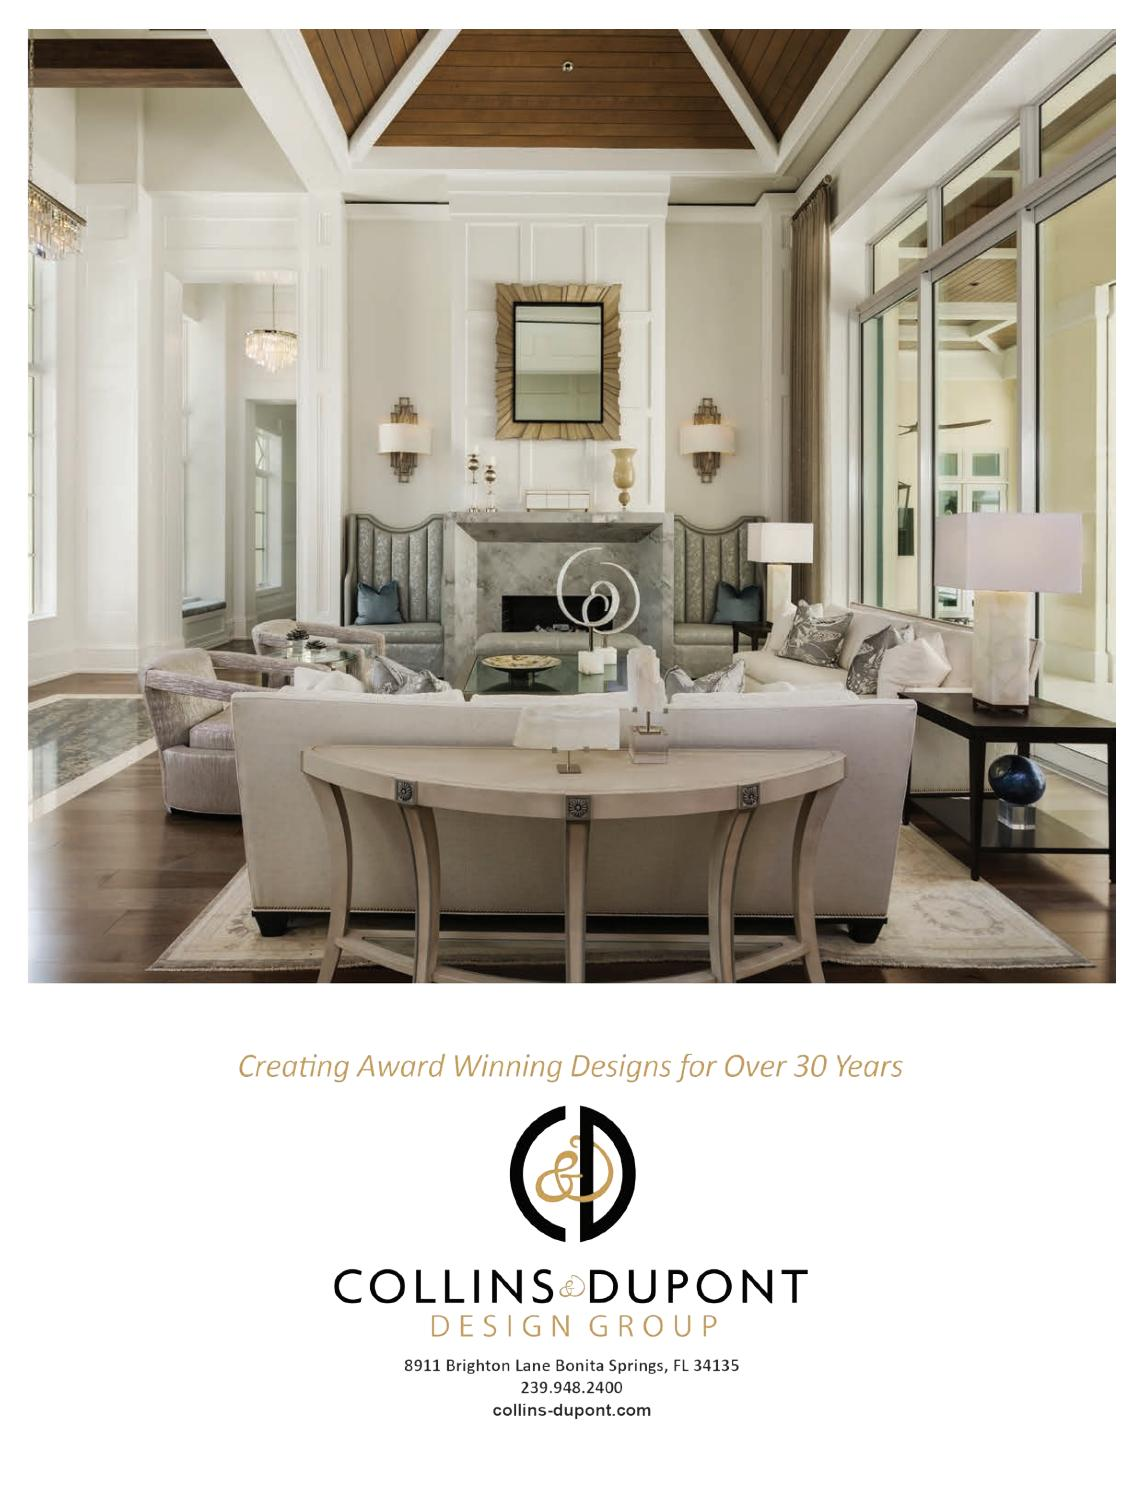 Collins & Dupont Design Group design + decor southwest florida winter 2020 | vebuka